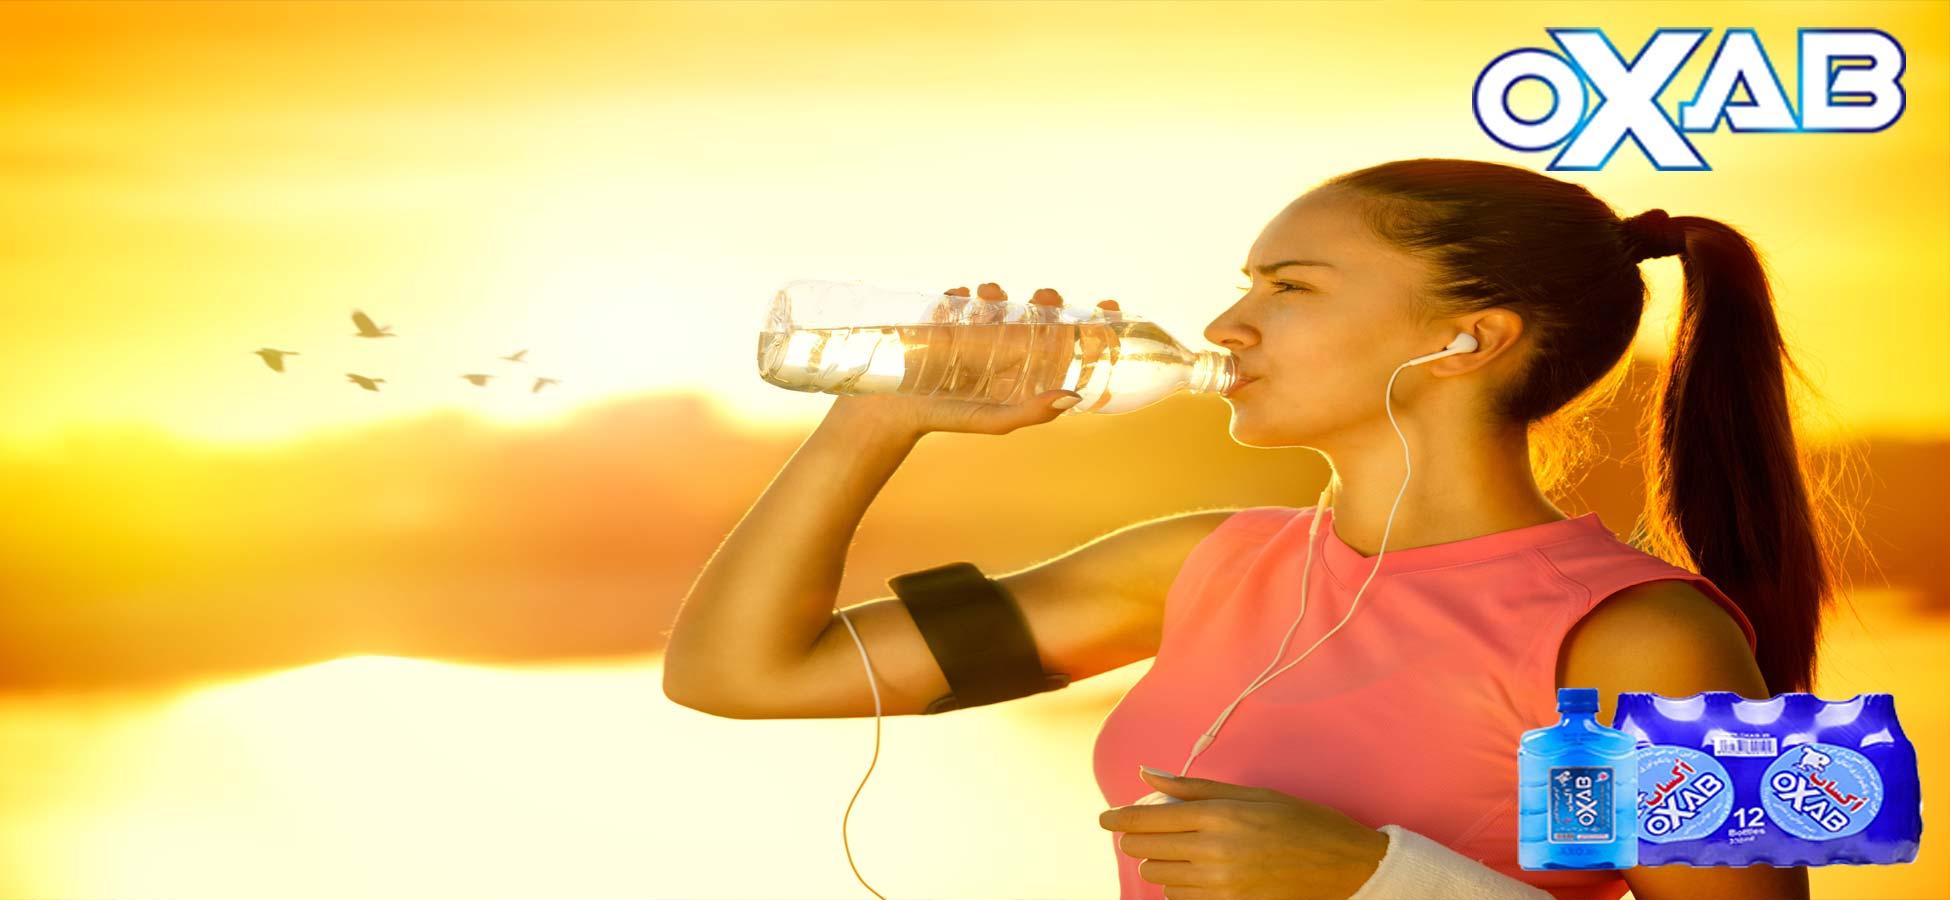 میزان مصرف آب آشامیدنی برای دفع عفونت از بدن